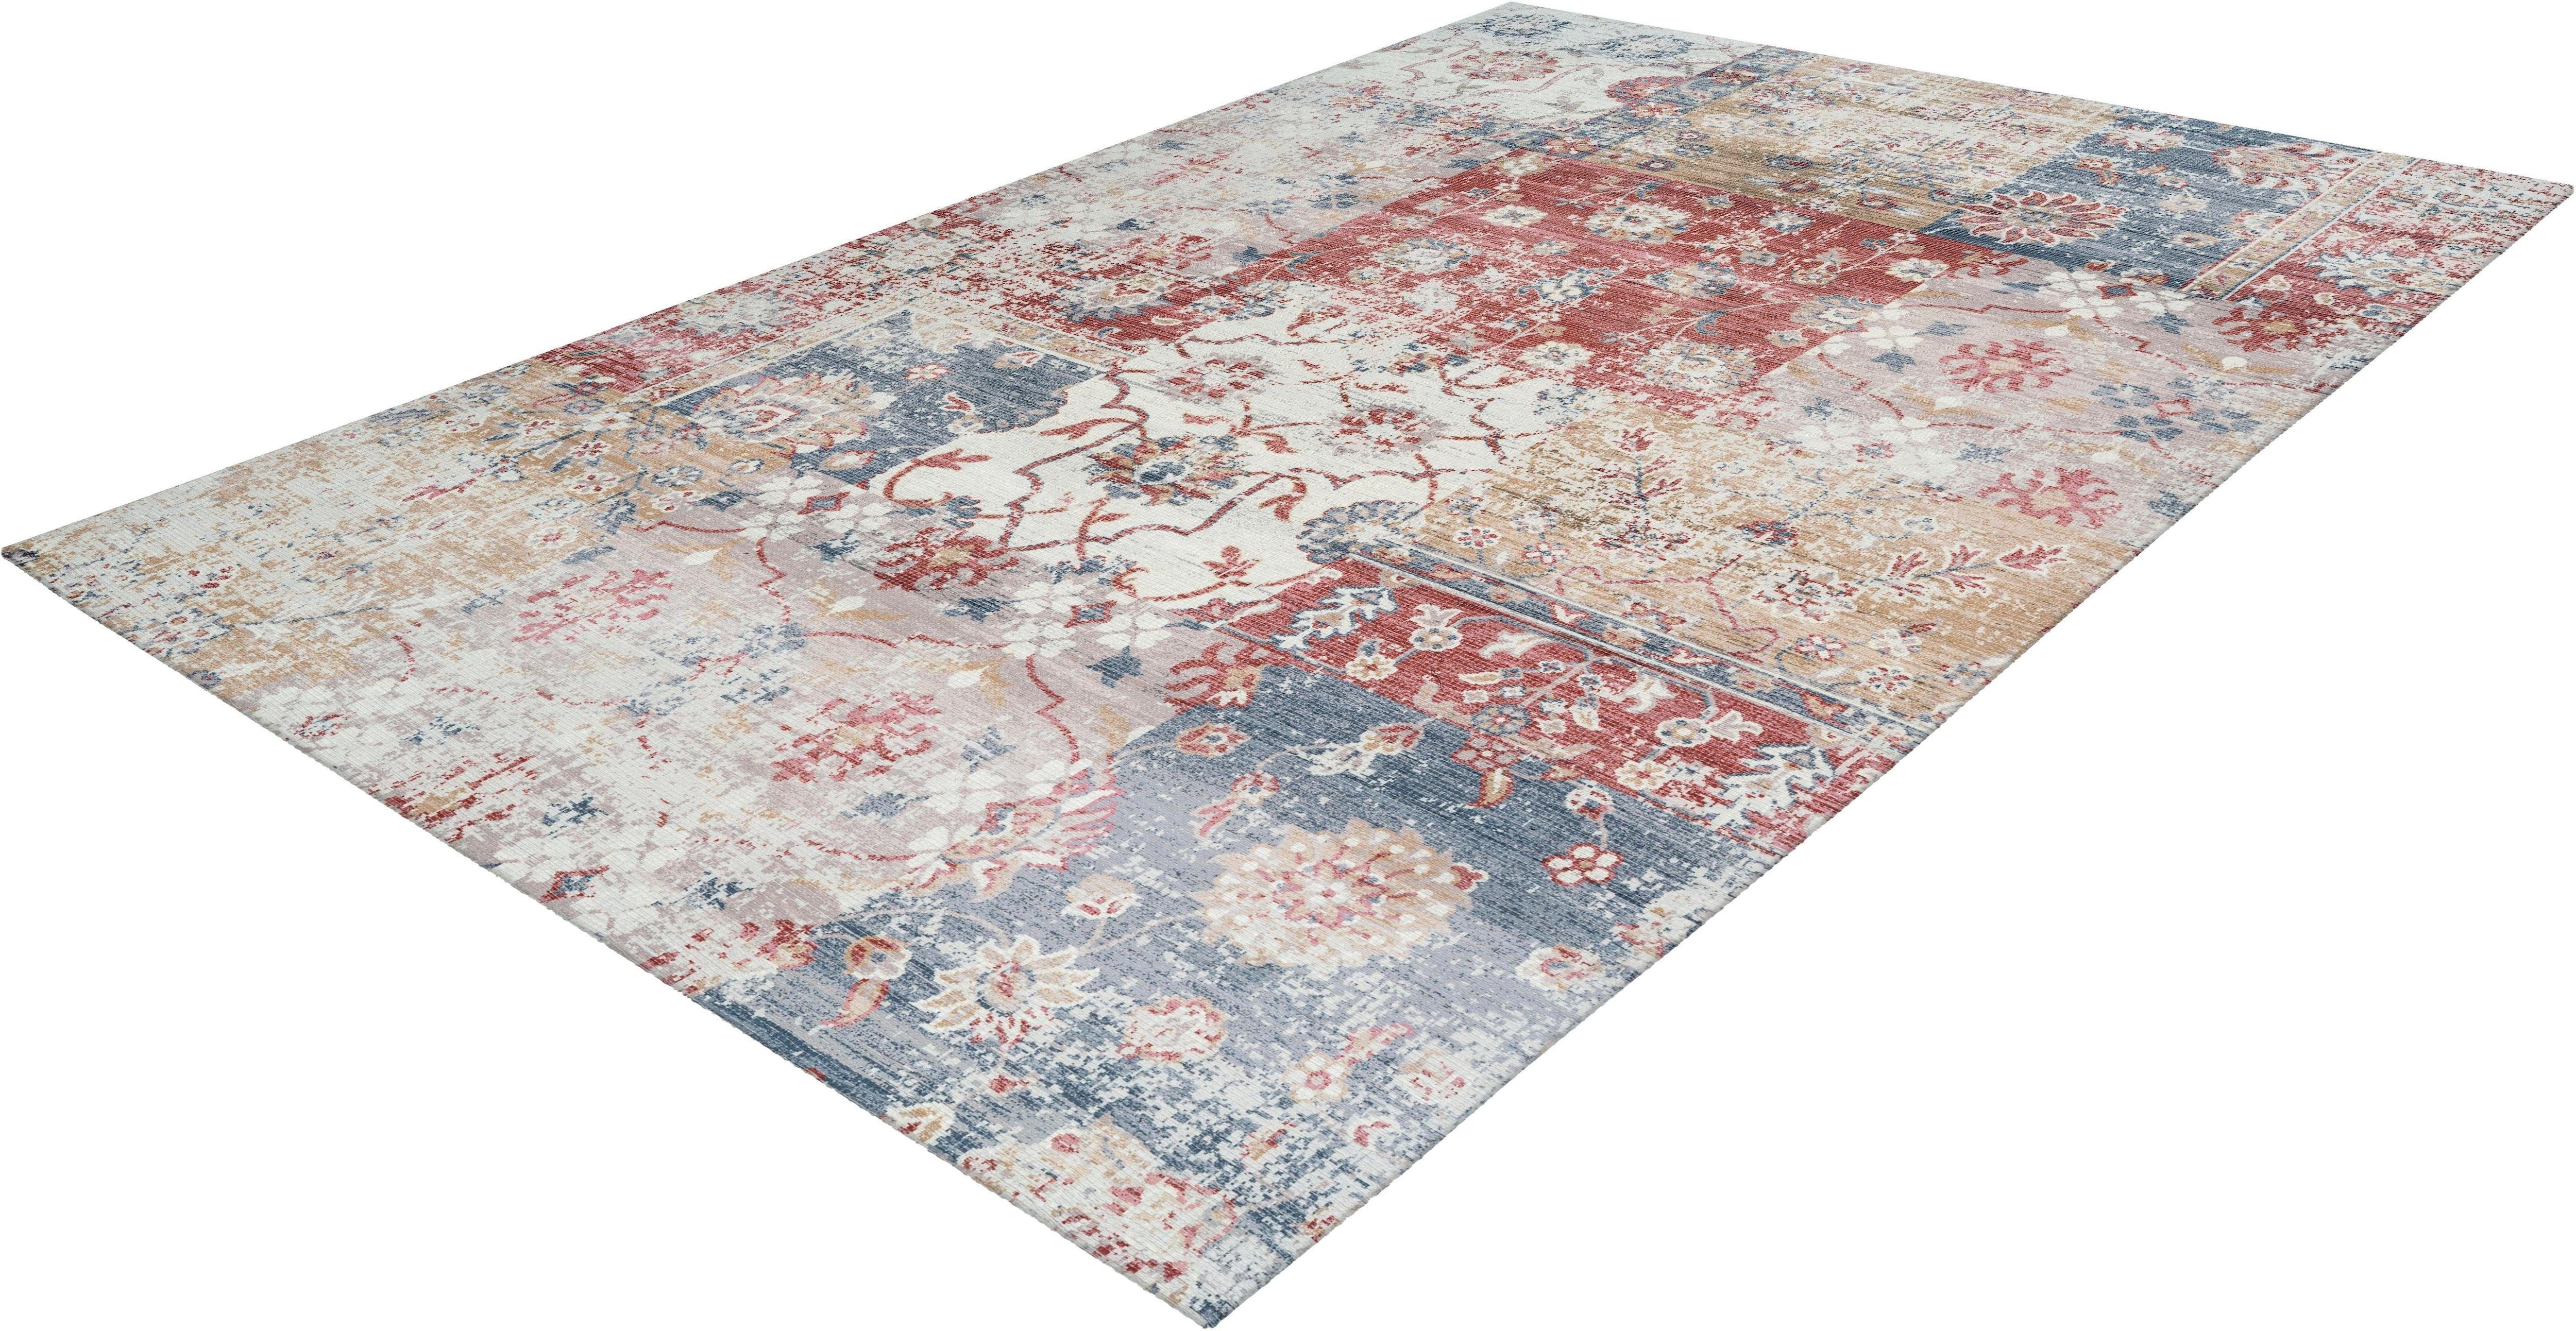 Teppich Emin 1003 calo-deluxe rechteckig Höhe 10 mm gedruckt